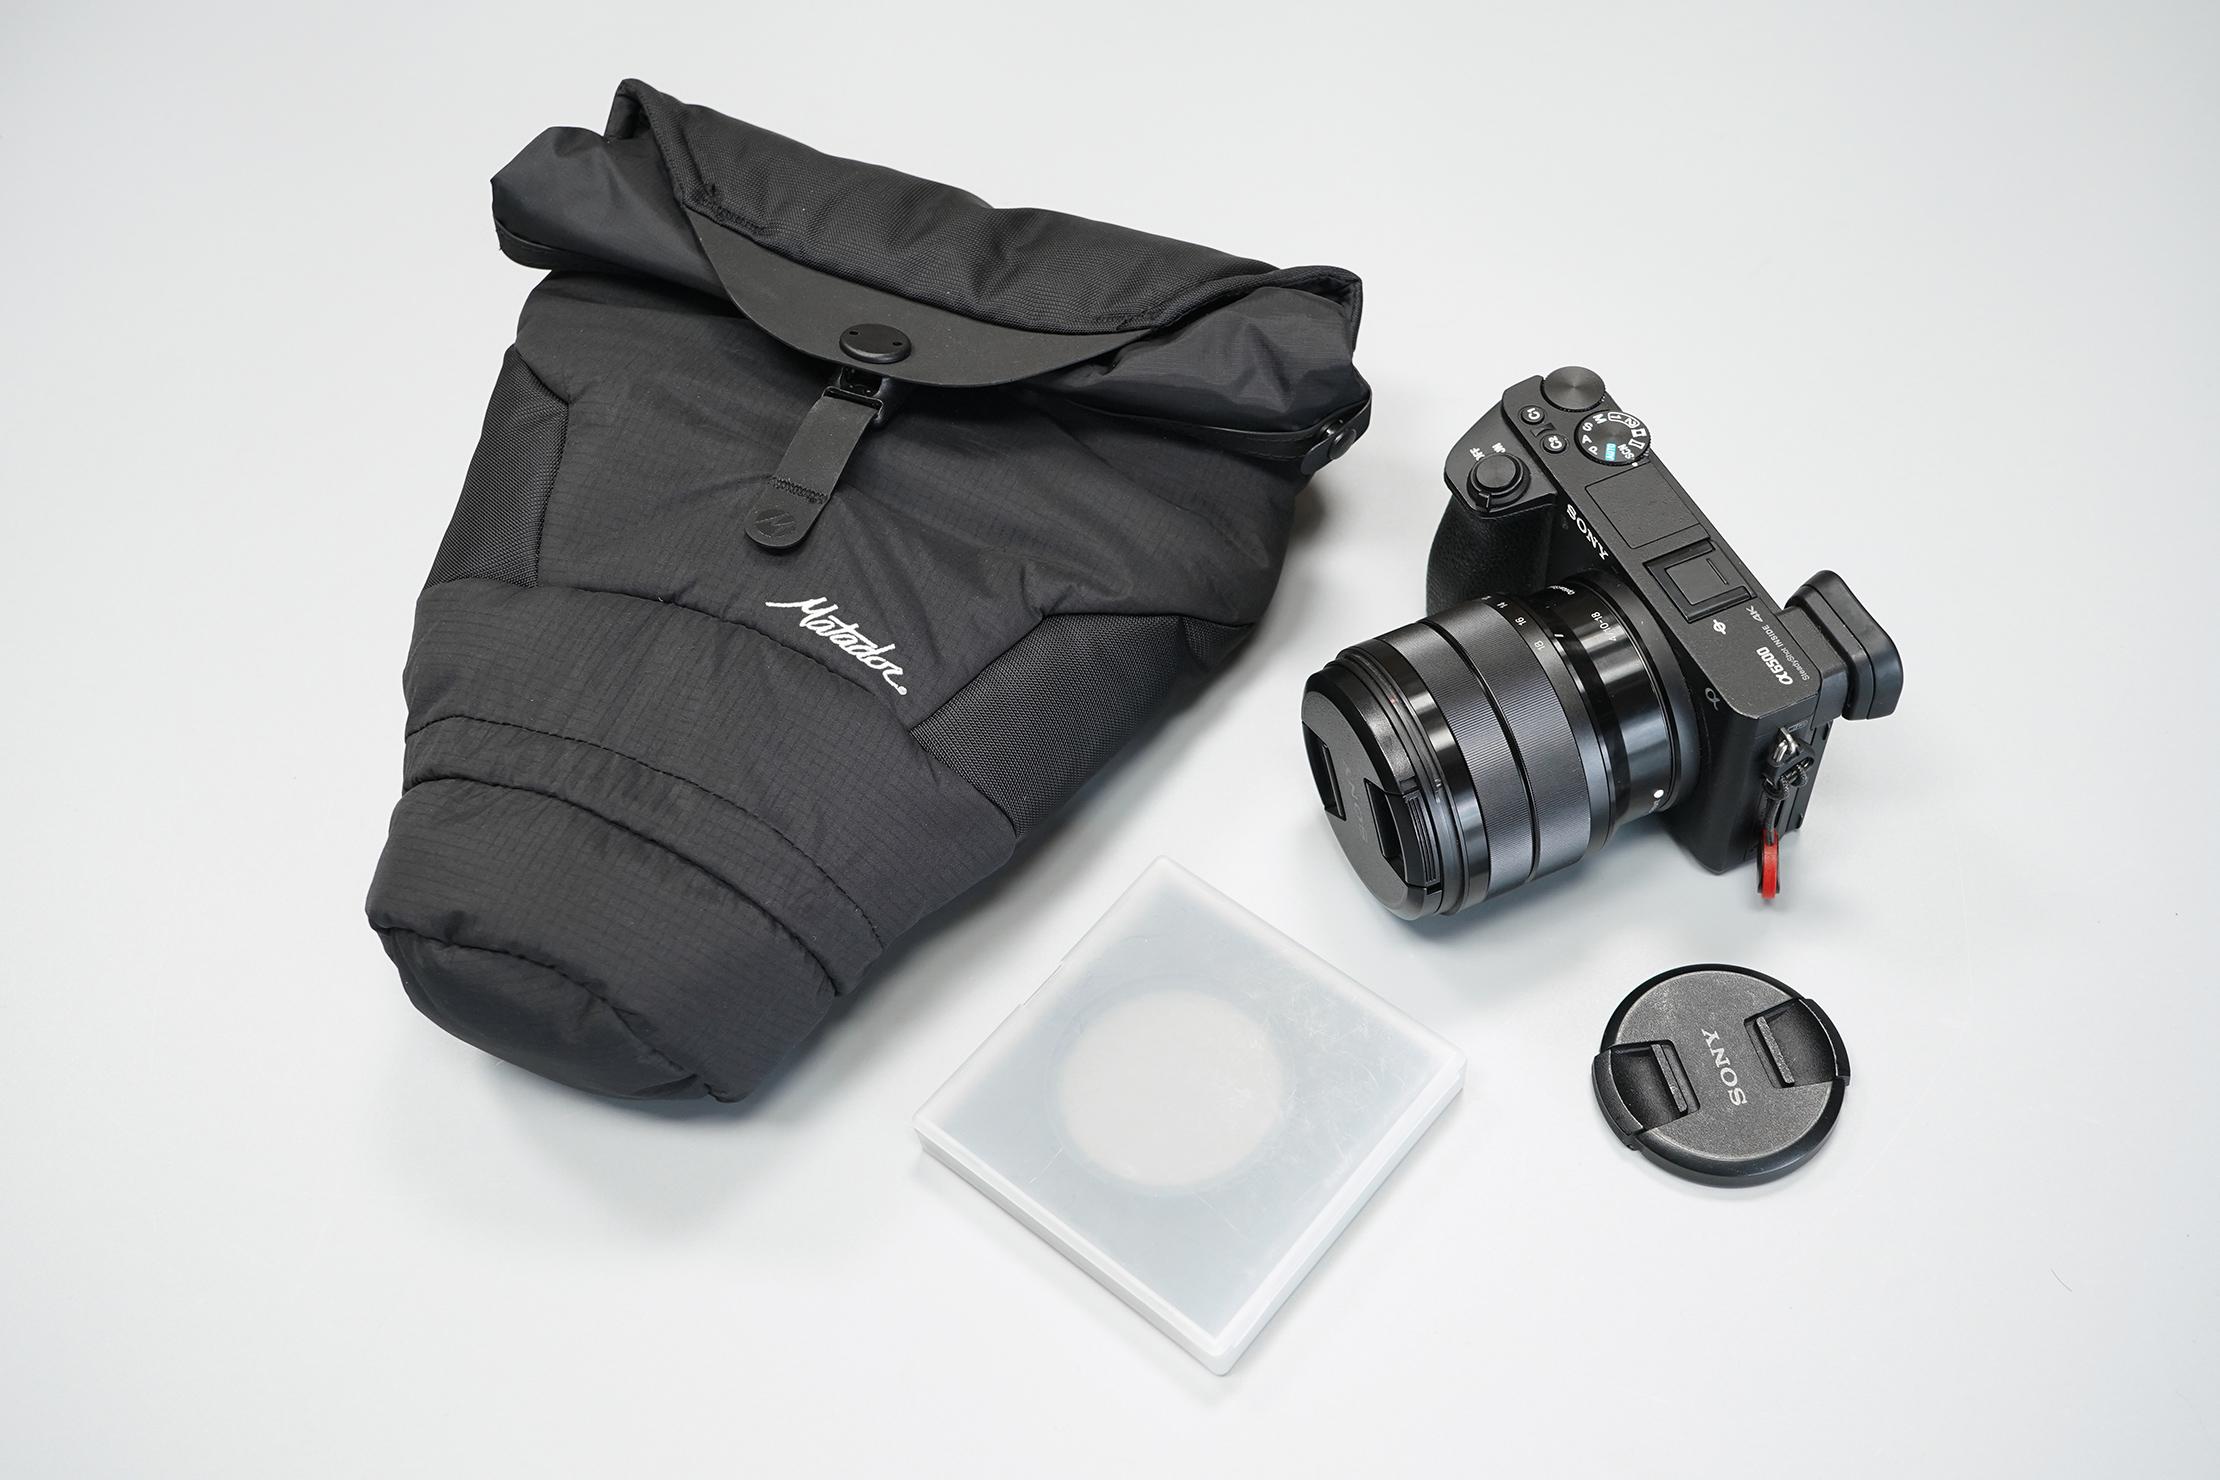 Matador Camera Base Layer 2.0 | The bag next to our camera setup.